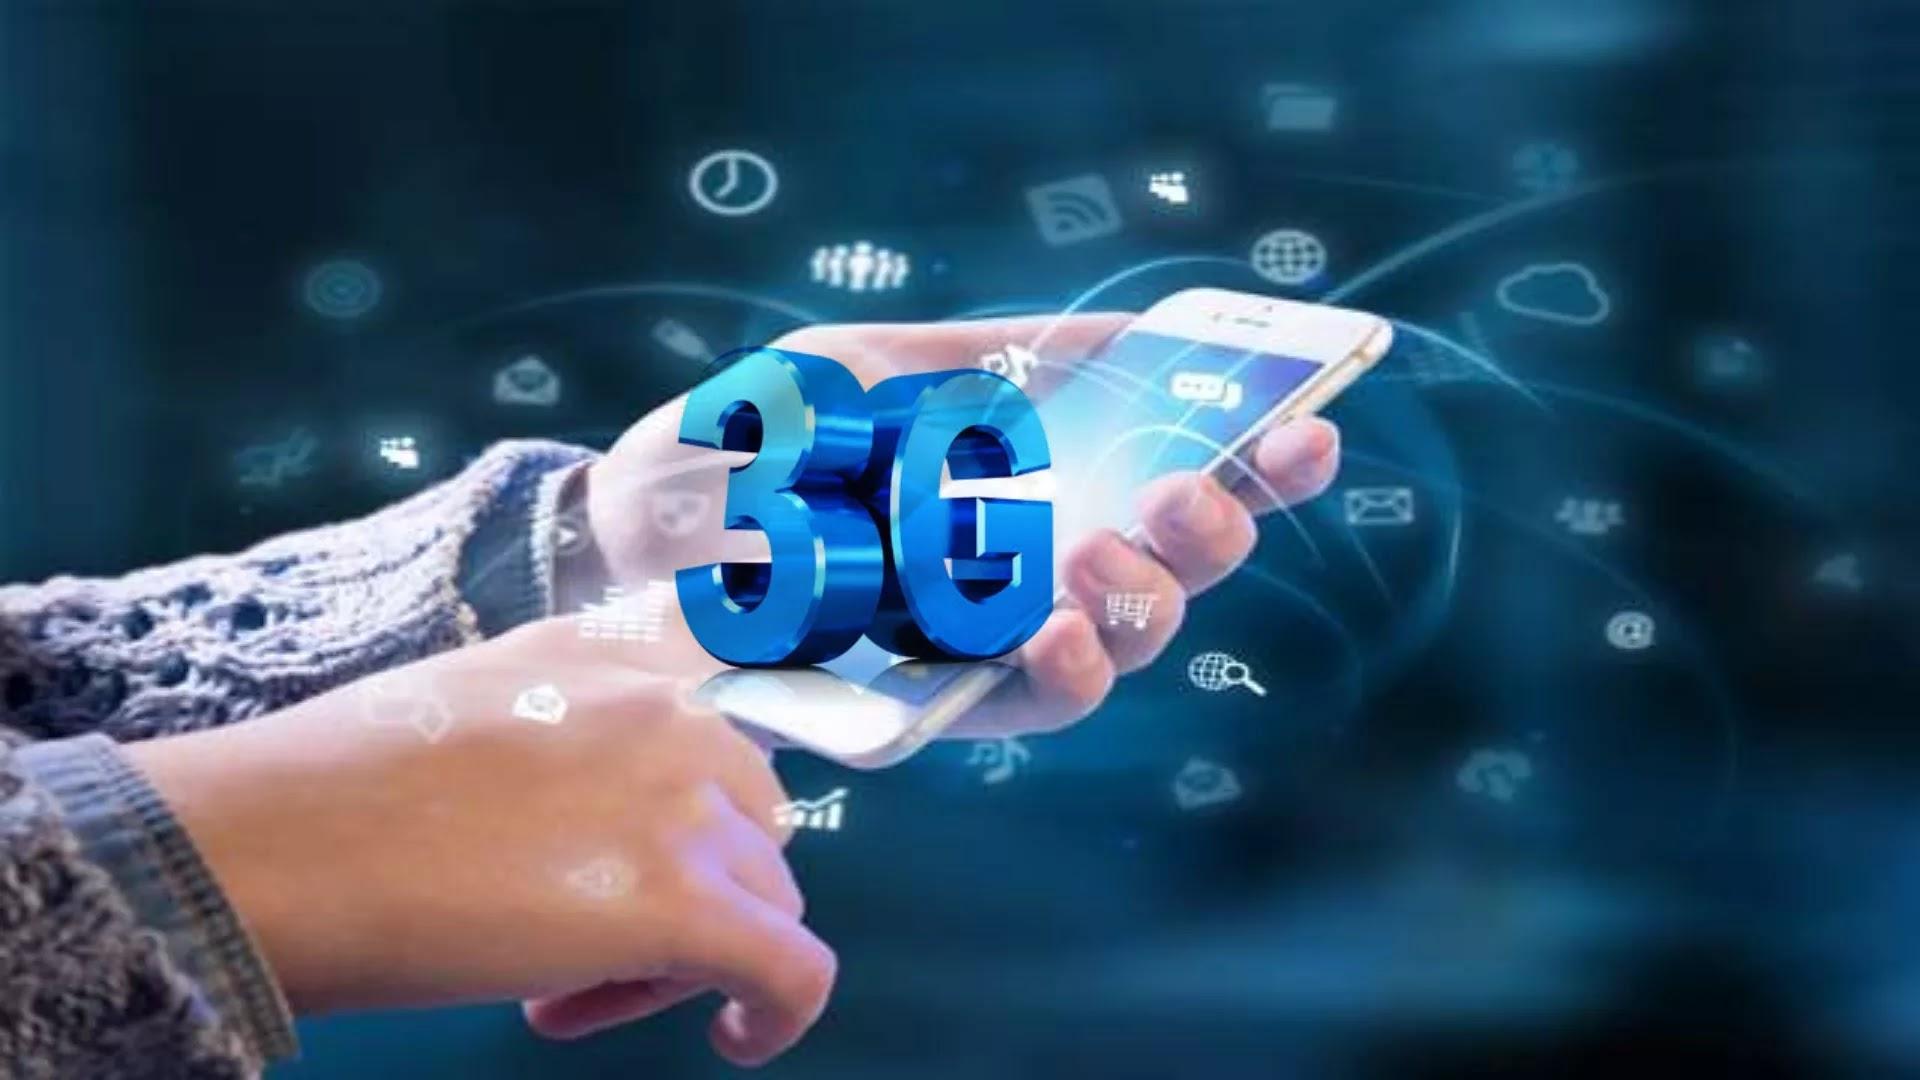 3G का क्या मतलब है? 3G की शुरुआत कब हुई? 2G और 3G क्या है? भारत में 3G कब लांच हुआ? भारत का पहला 3G नेटवर्क कौन सा है? भारत में 3G कब लांच हुआ? इंडिया में 3G लॉन्च कब होगा? इंडिया में 5G नेटवर्क कब आएगा? इंडिया का सबसे फास्ट नेटवर्क कौन सा है 2021?